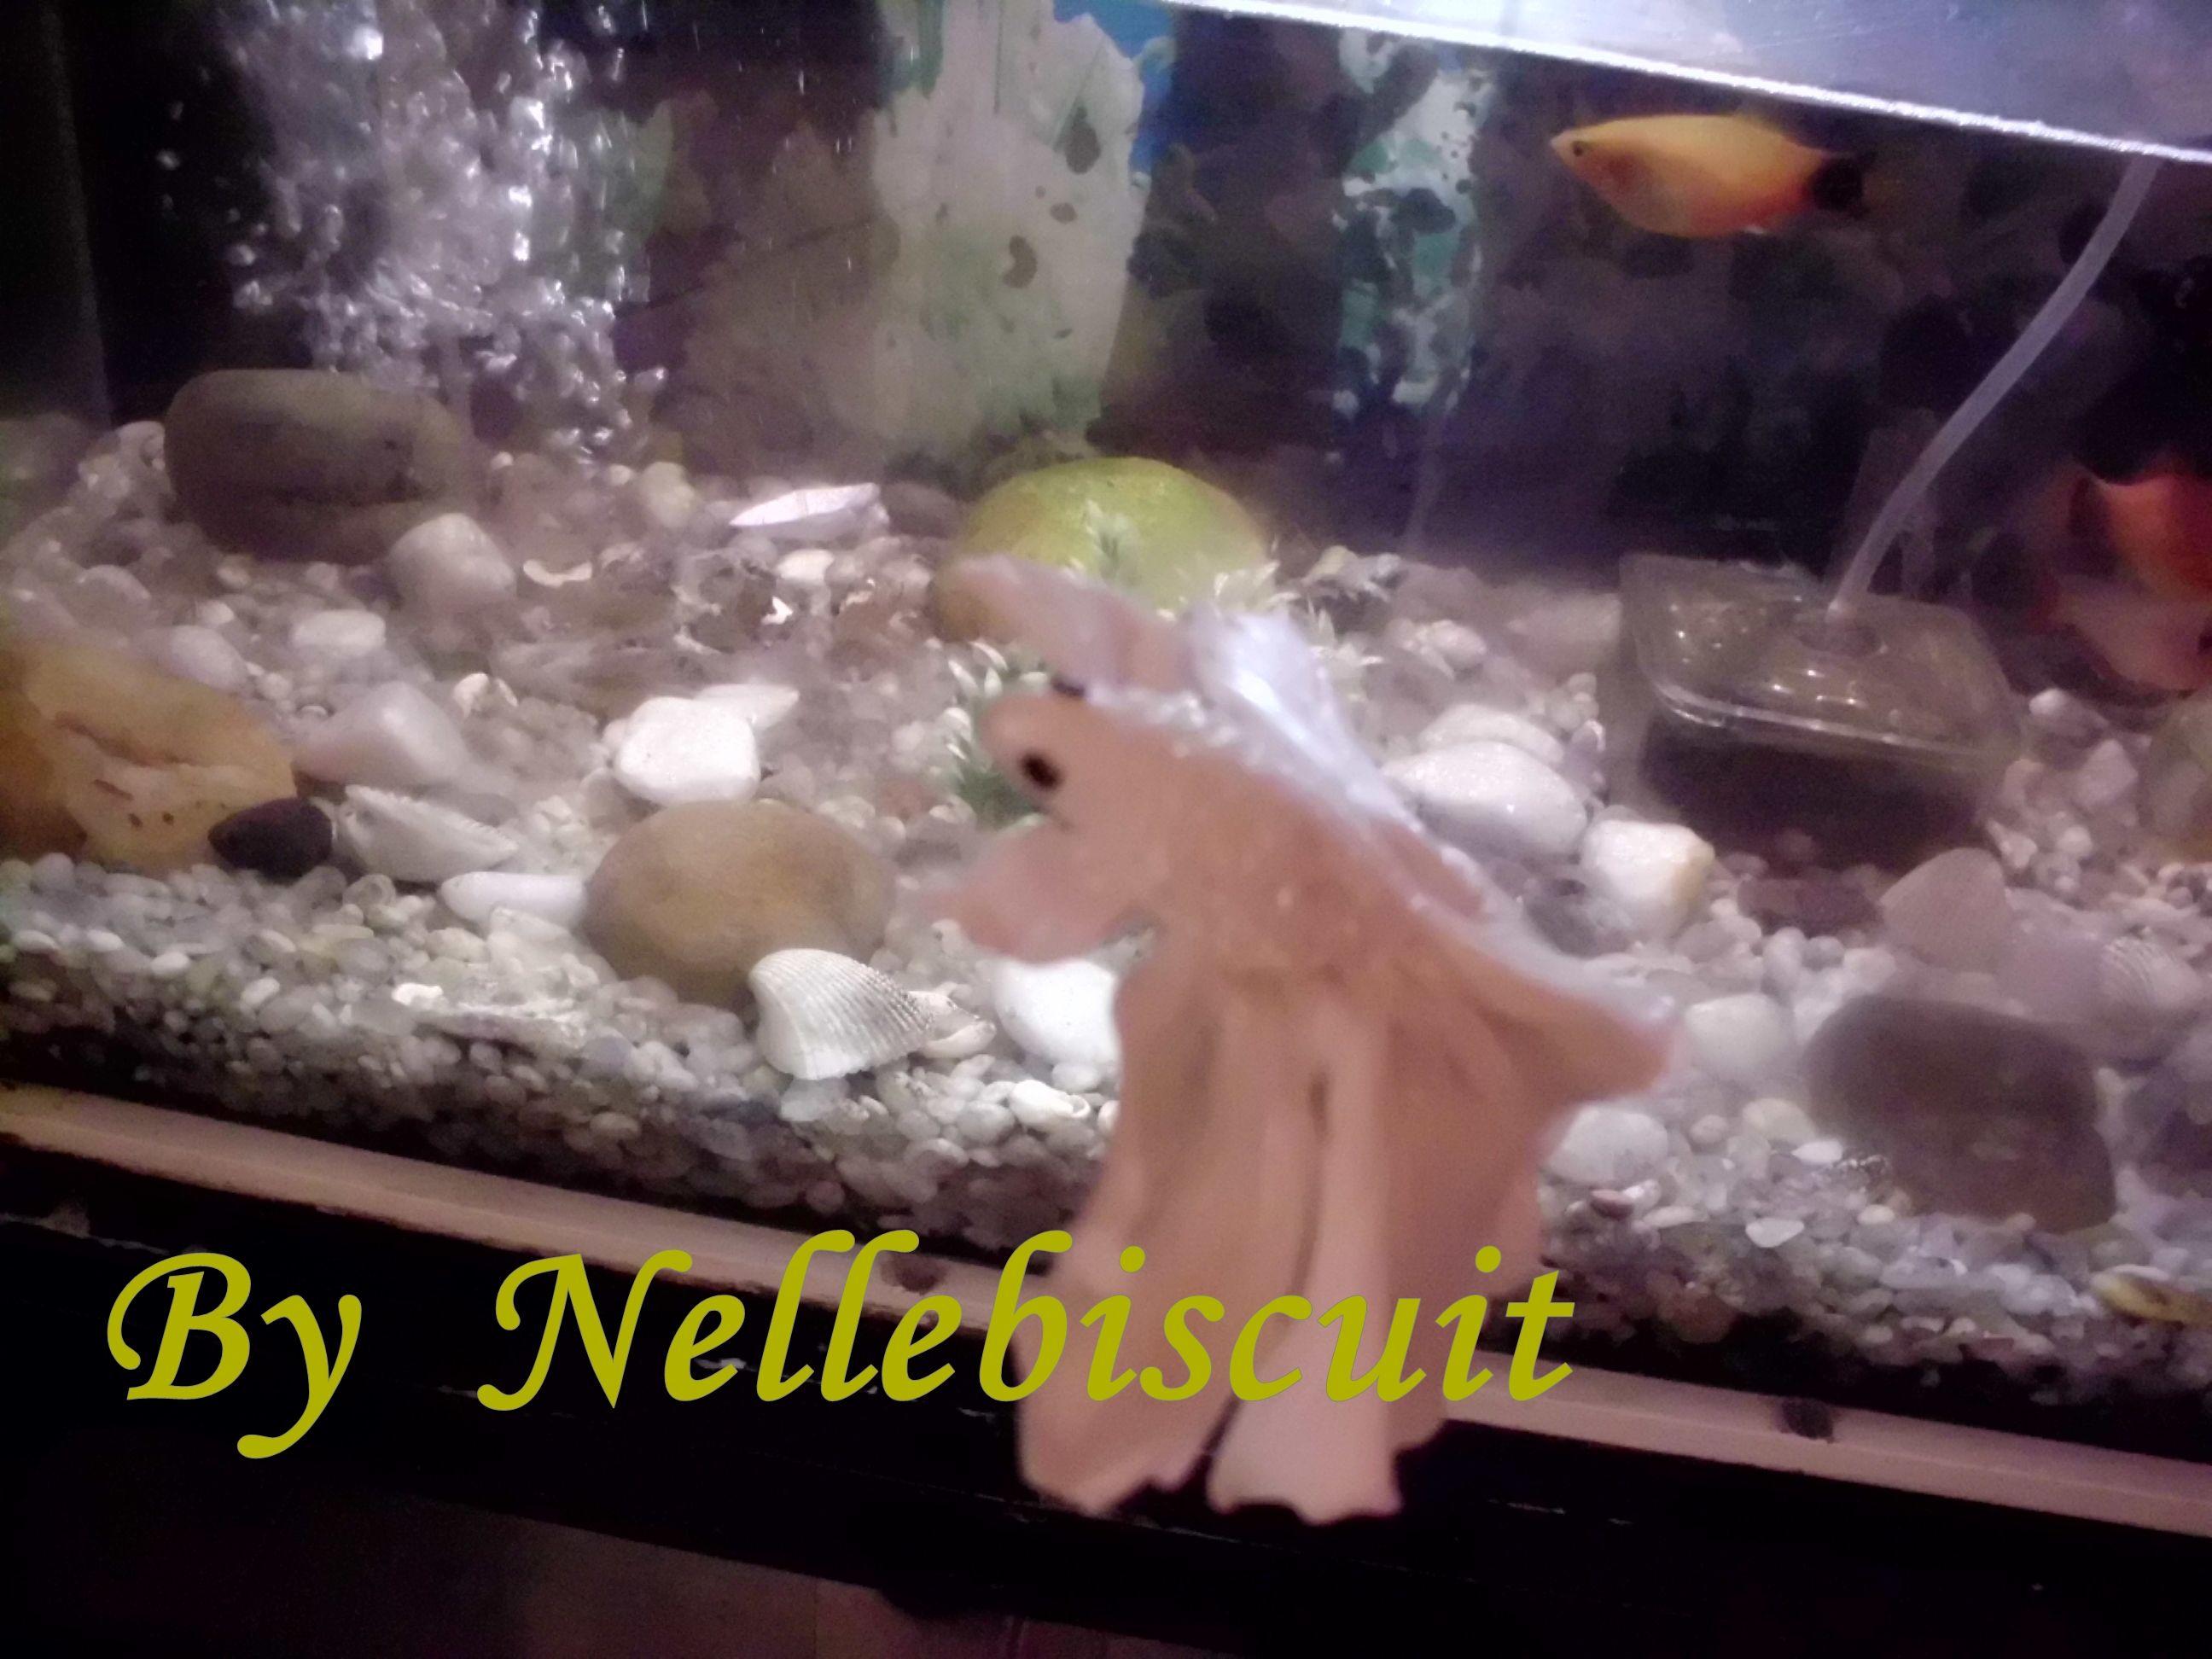 Peixe beta modelada em porcelana fria por Nellebiscuit